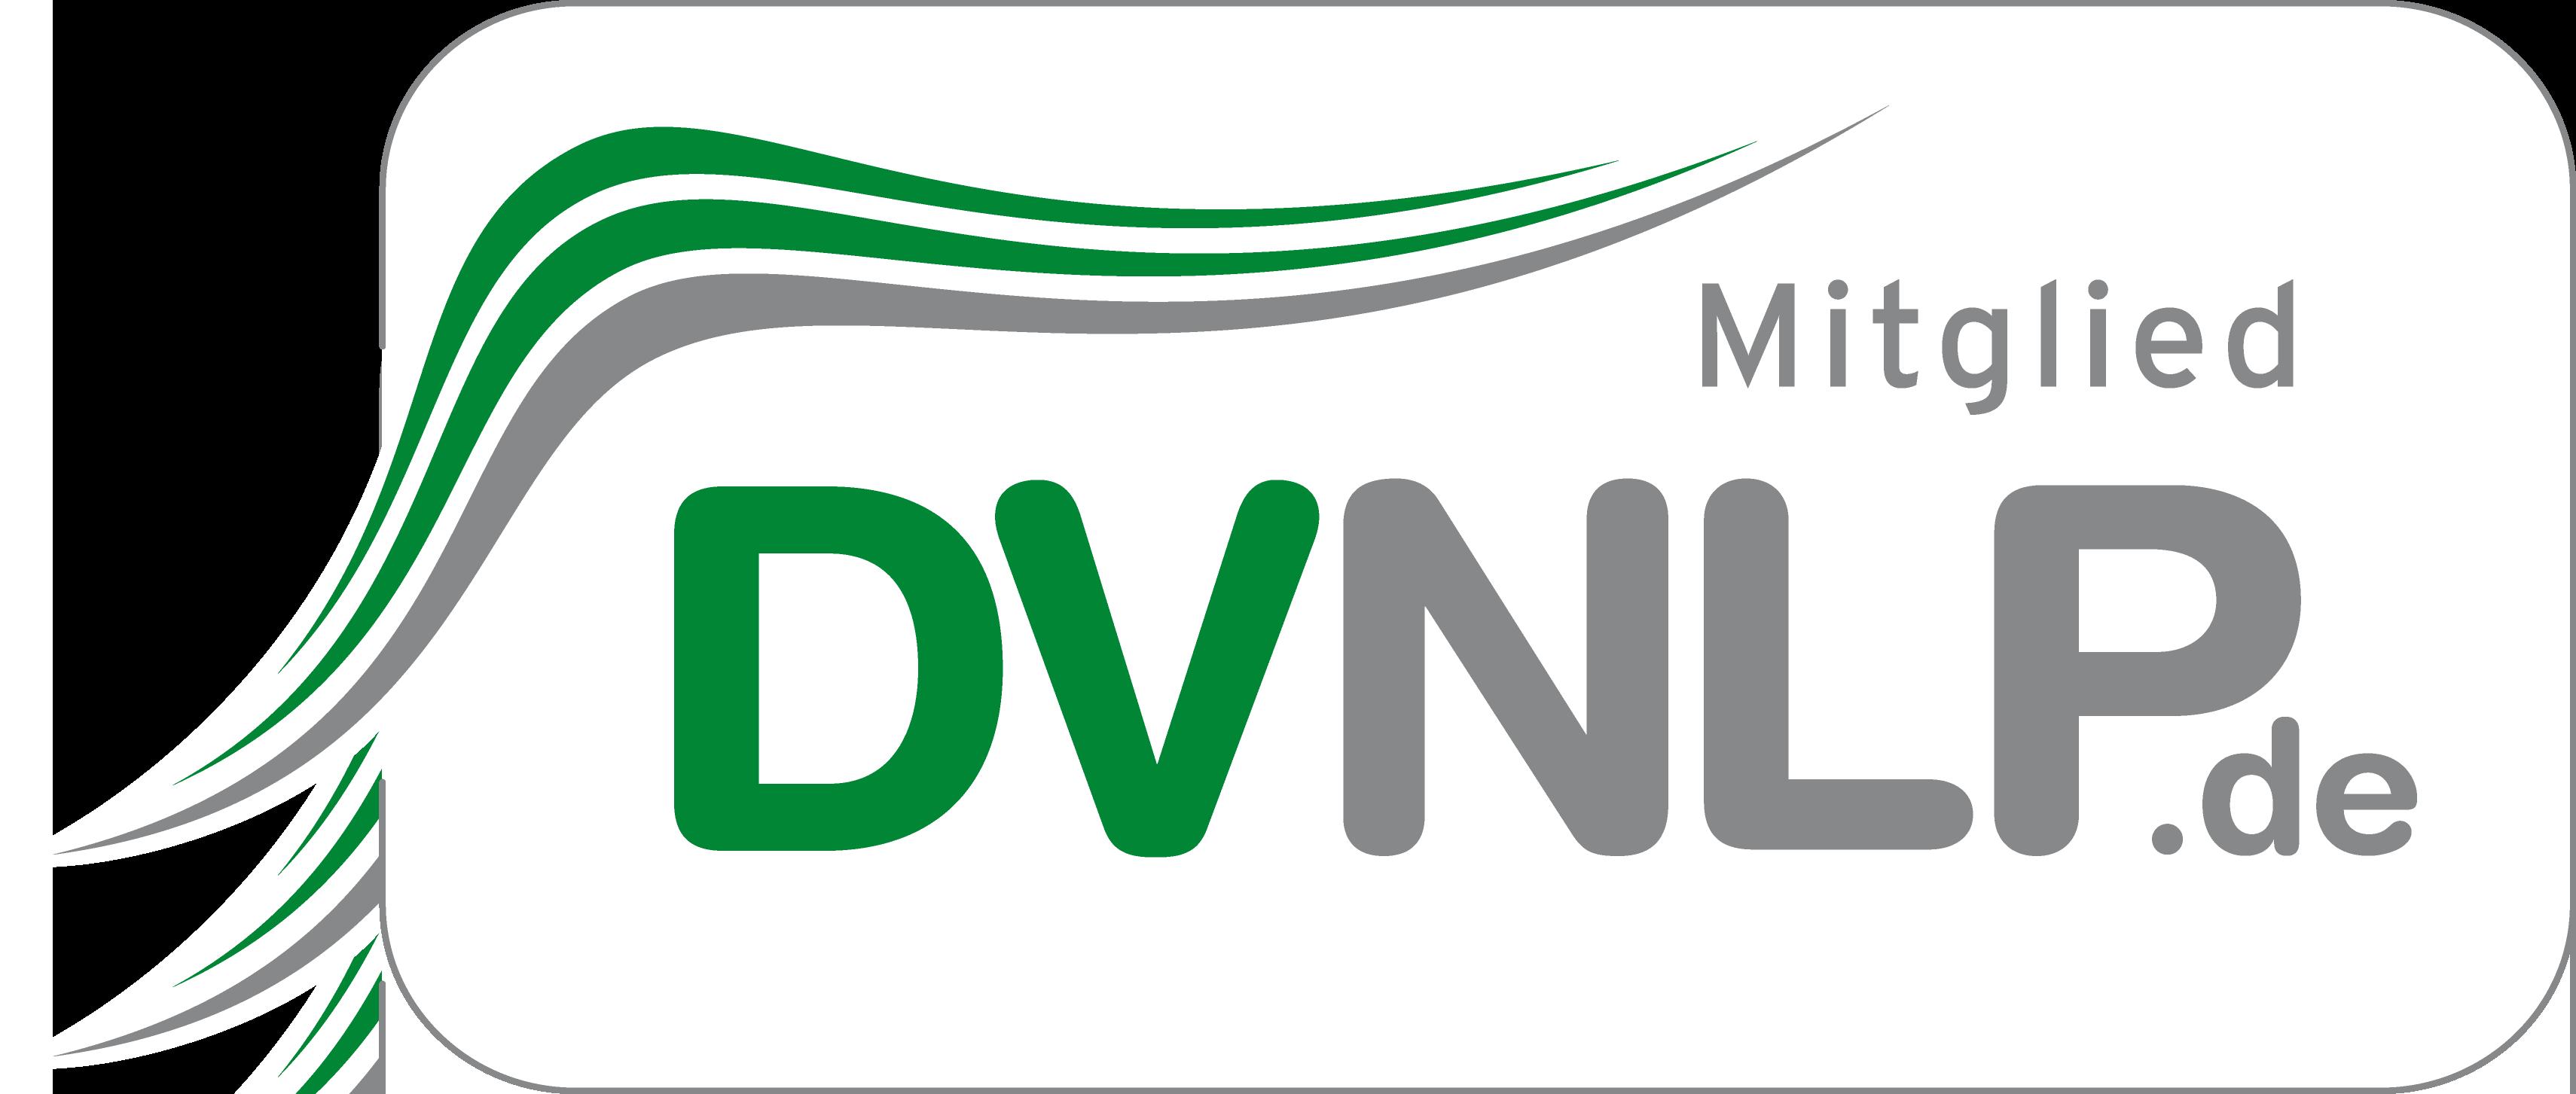 Logo - Mitglied im DVNLP